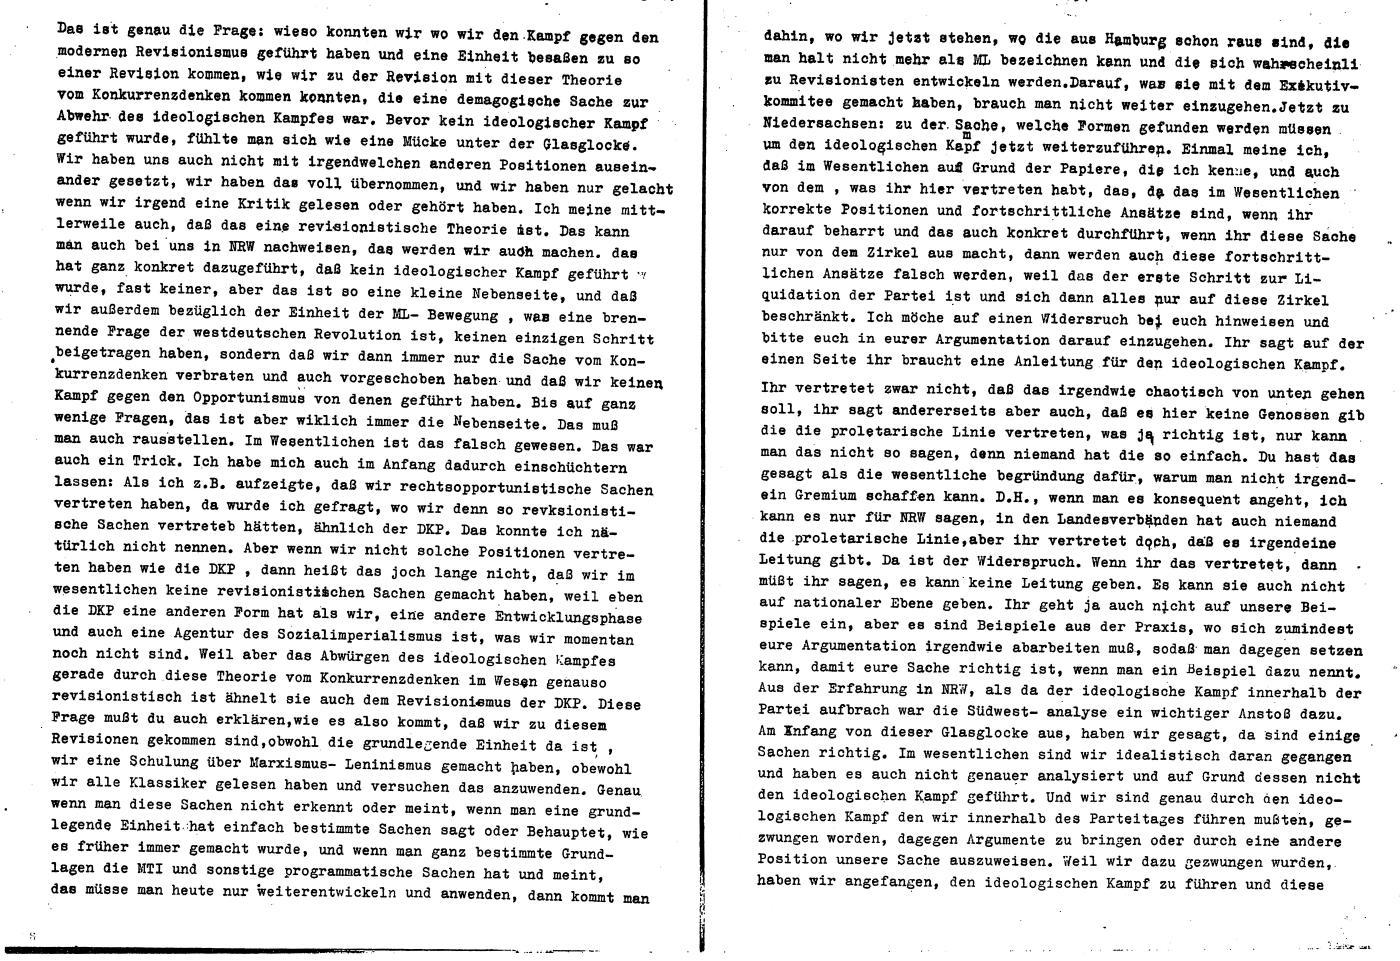 KPDML_1971_Wortprotokolle_aoPt_041